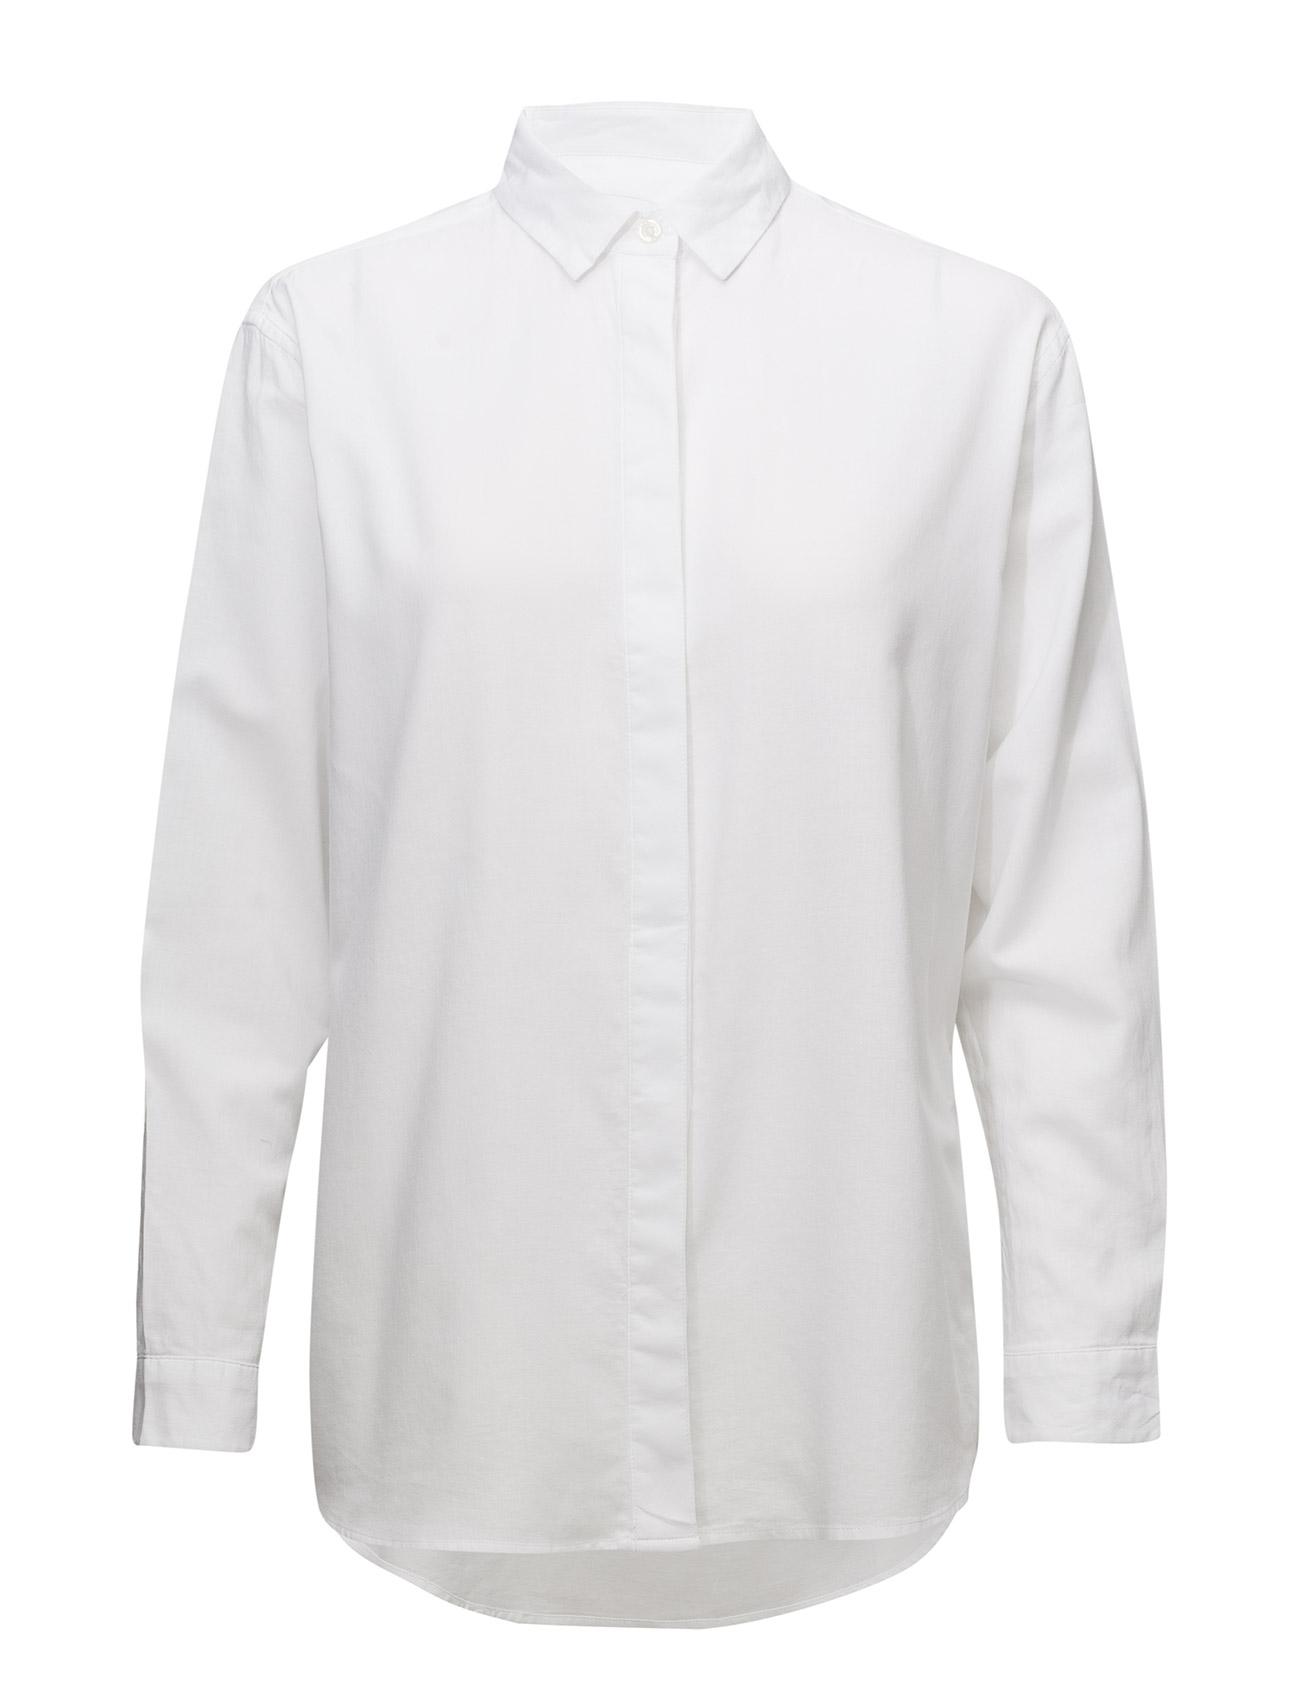 Caico Shirt 2634 Samsøe & Samsøe Langærmede til Damer i hvid